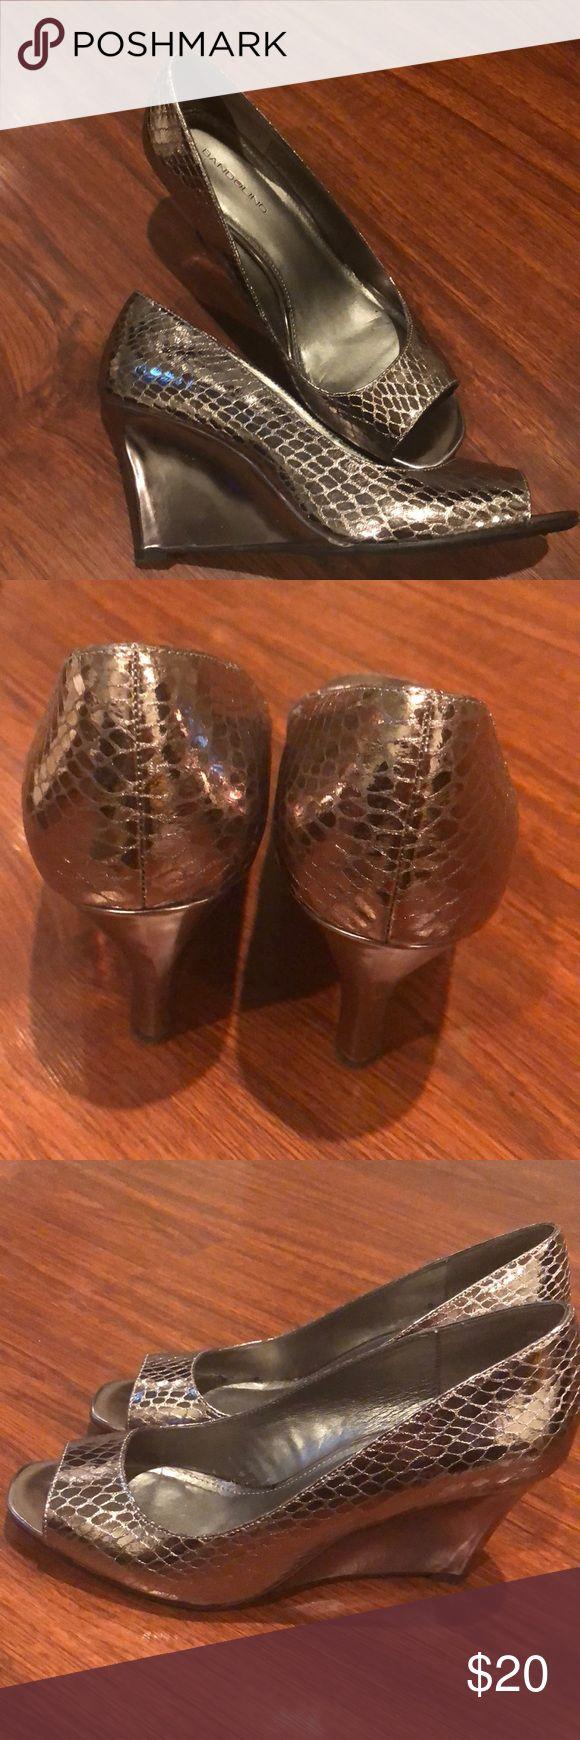 Metallic Wedges Lightly used metallic wedges size 9.5. Bandolino brand. Worn twice Bandolino Shoes Wedges